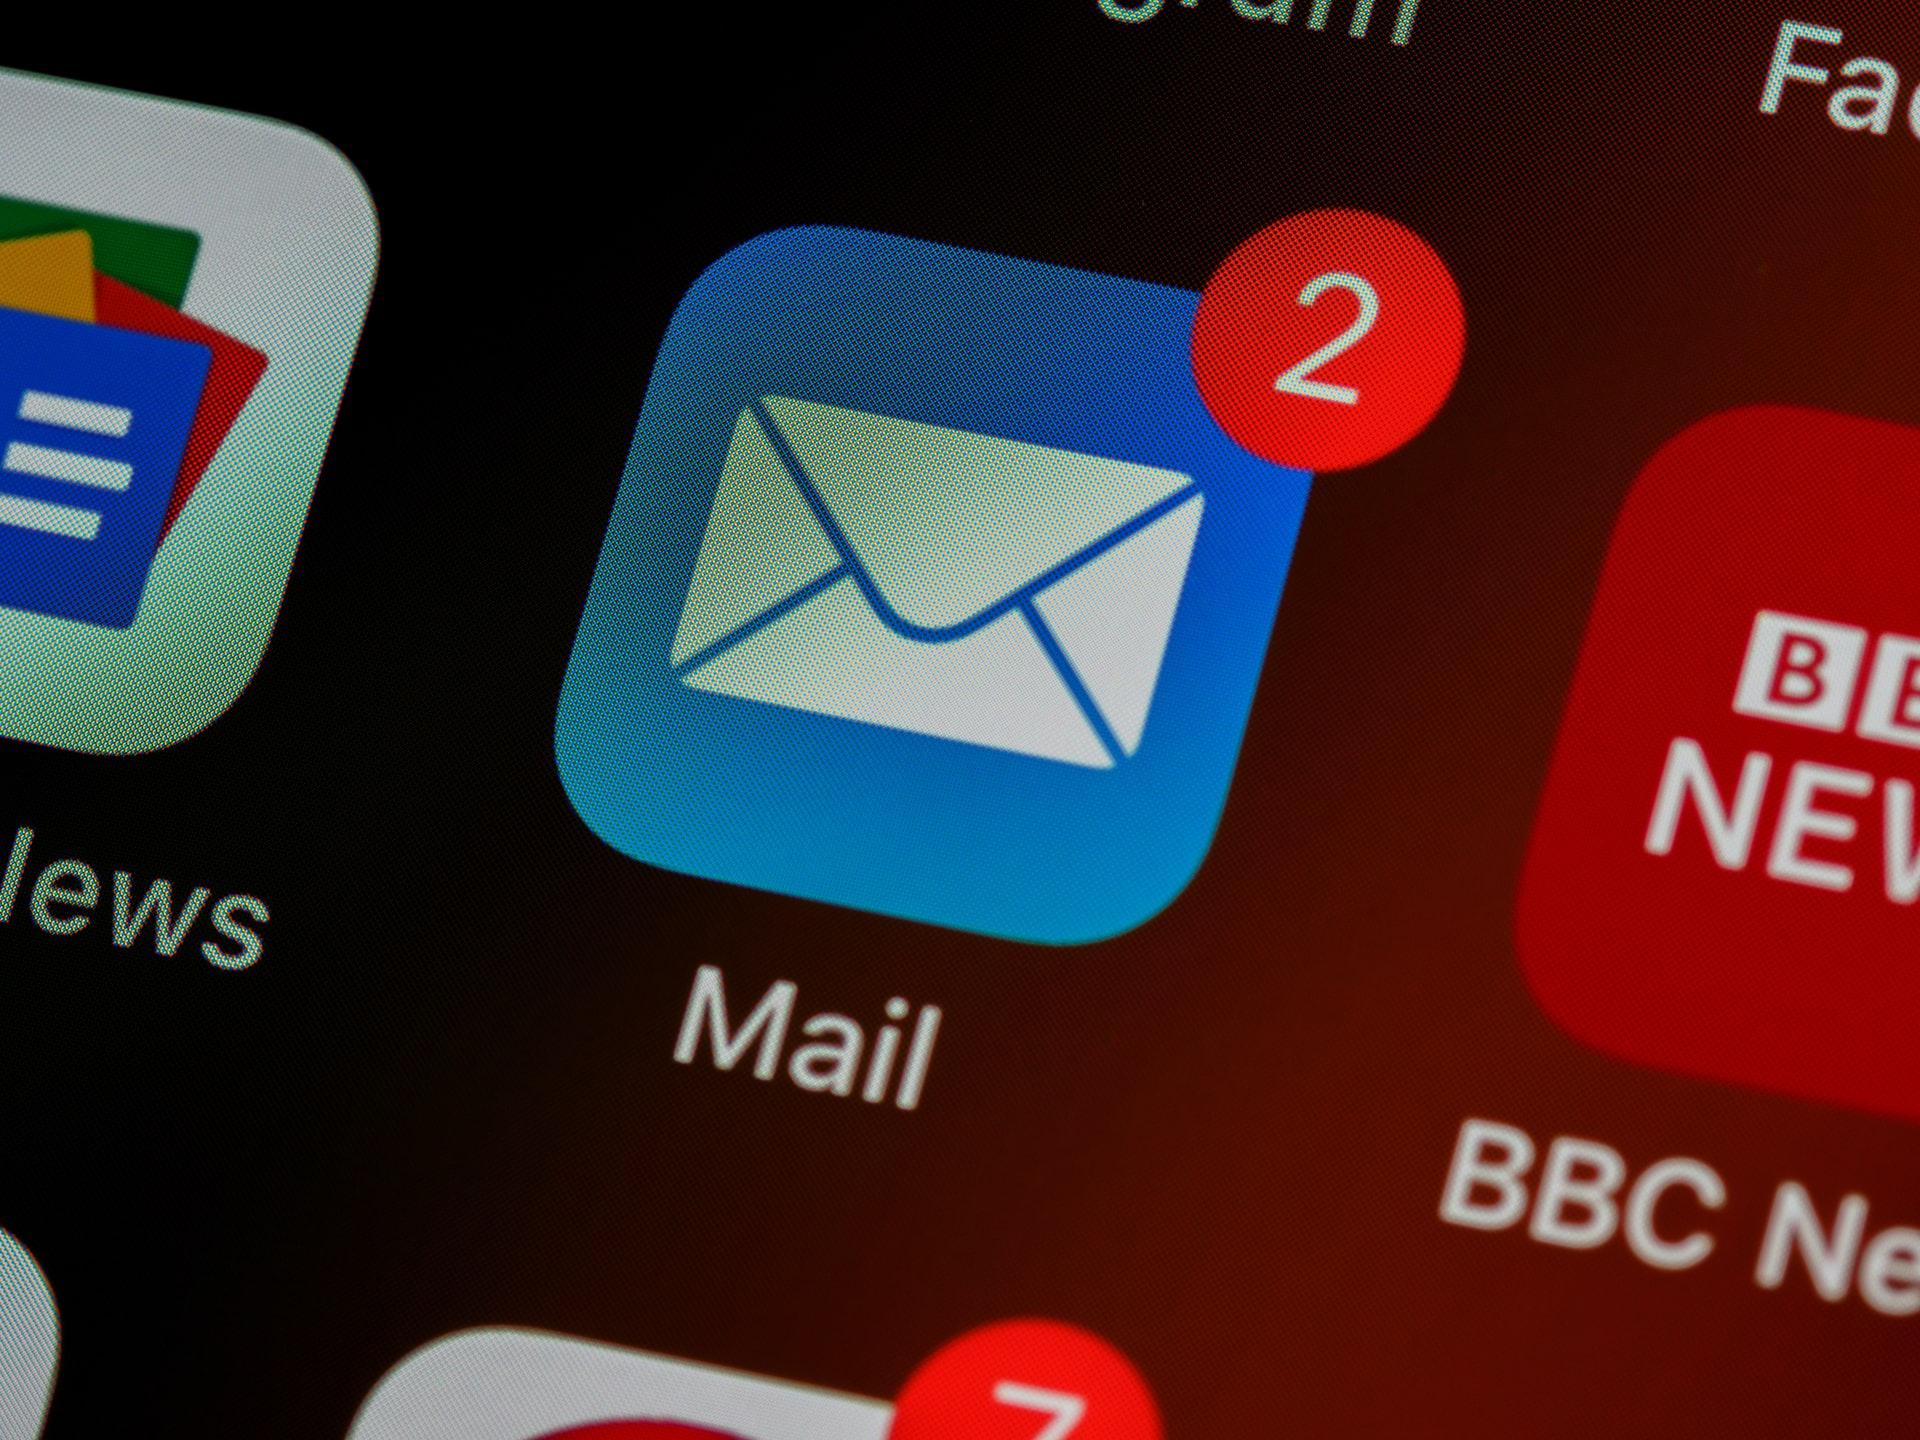 Cómo hacer un peritaje de un correo electrónico